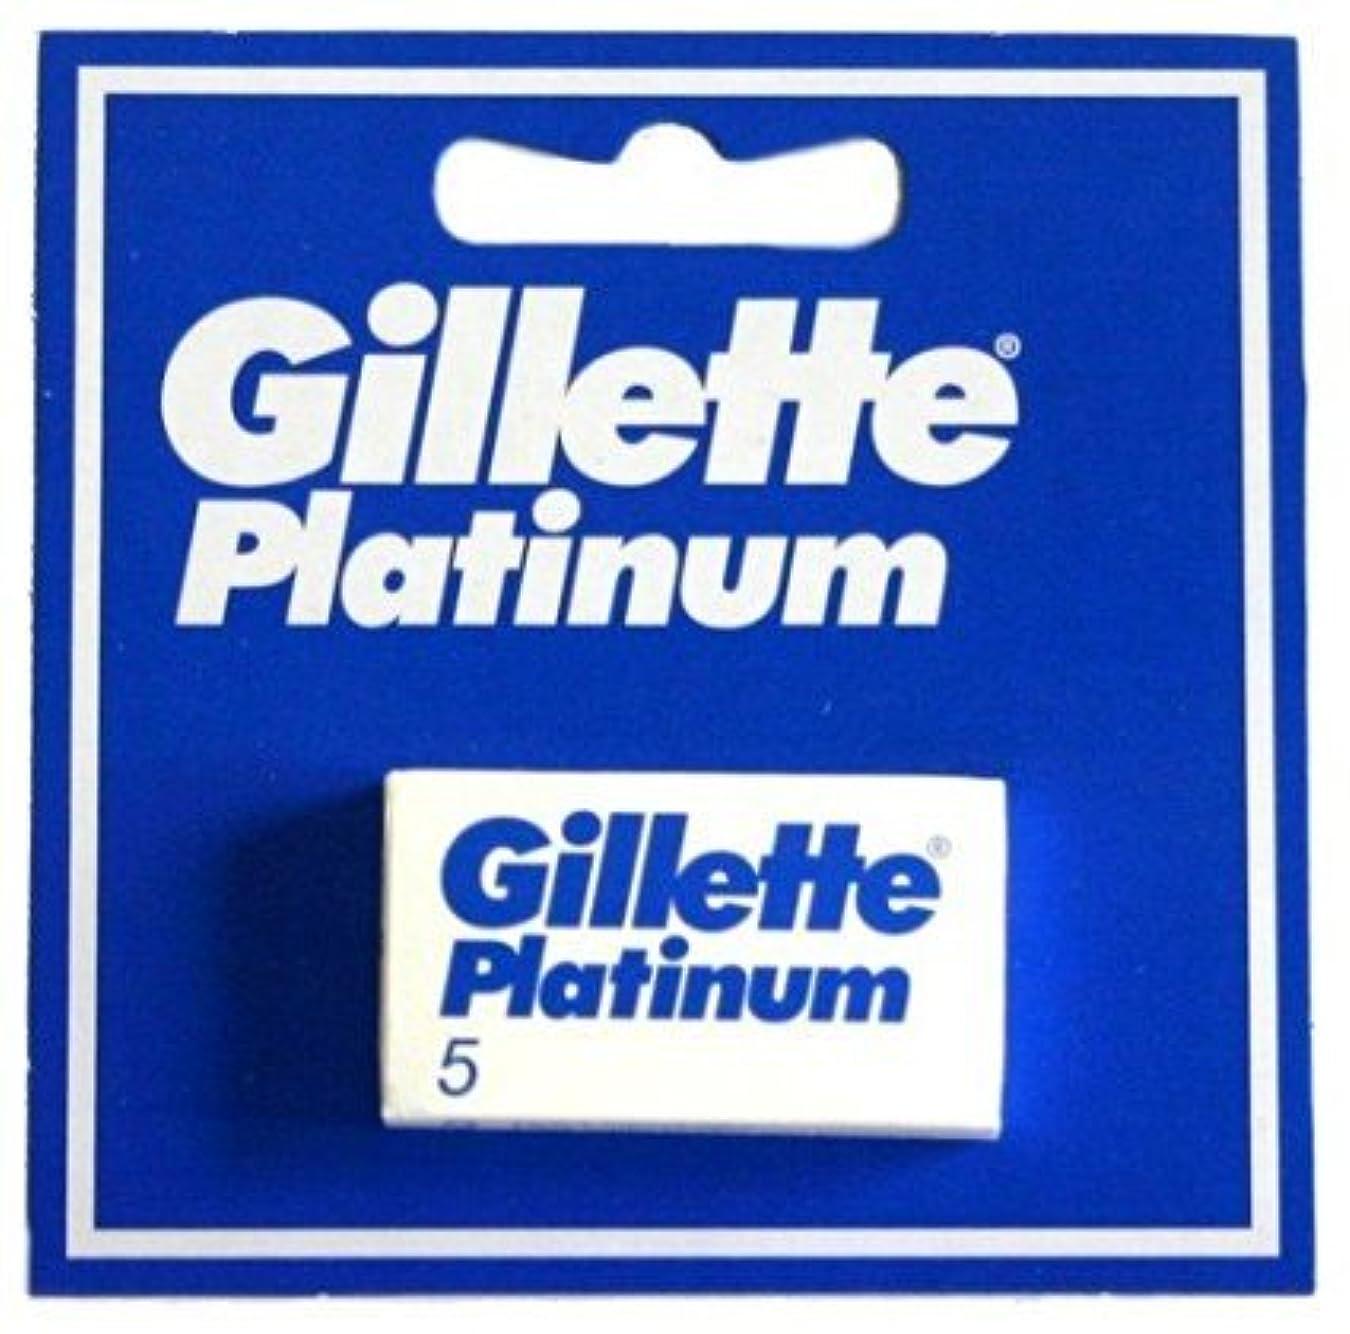 ゲインセイ明るい未接続Gillette Platinum [プレミアムホワイトボックス版!] ジレット プラチナ 両刃替刃 20個入り (5*4) [海外直送品] [並行輸入品]